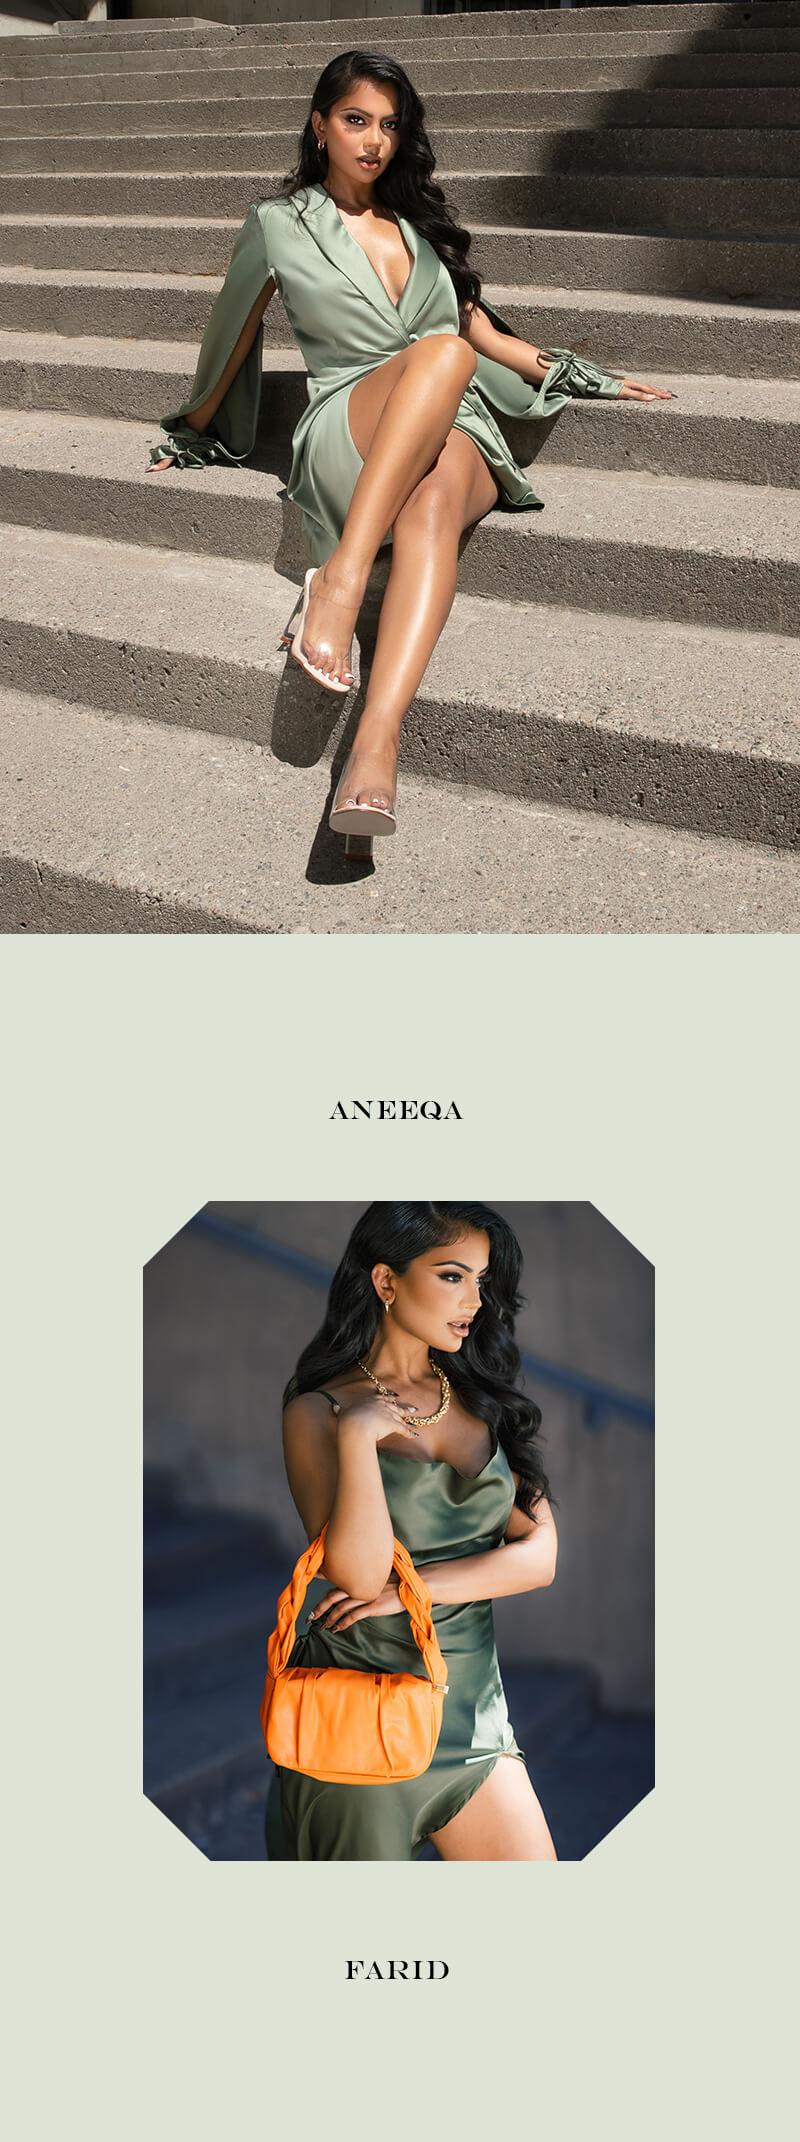 Aneeqa Farid Lookbook Image Mobile 1